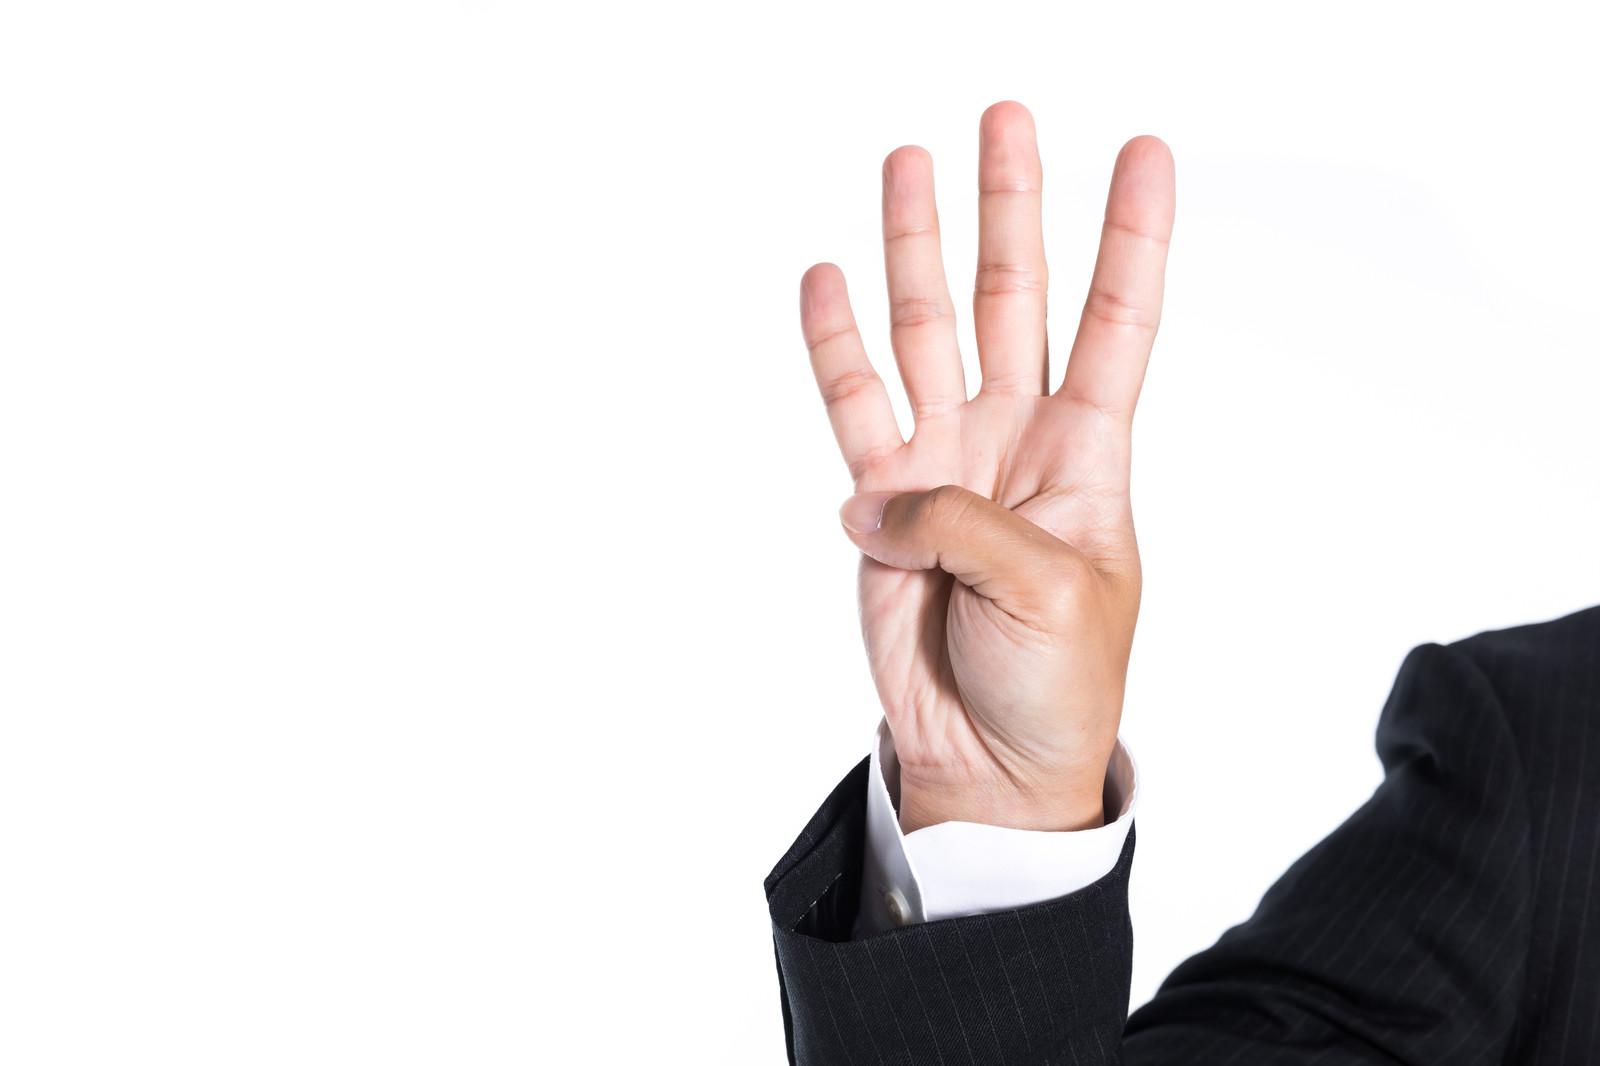 雇用形態は主に4種類に分けられる